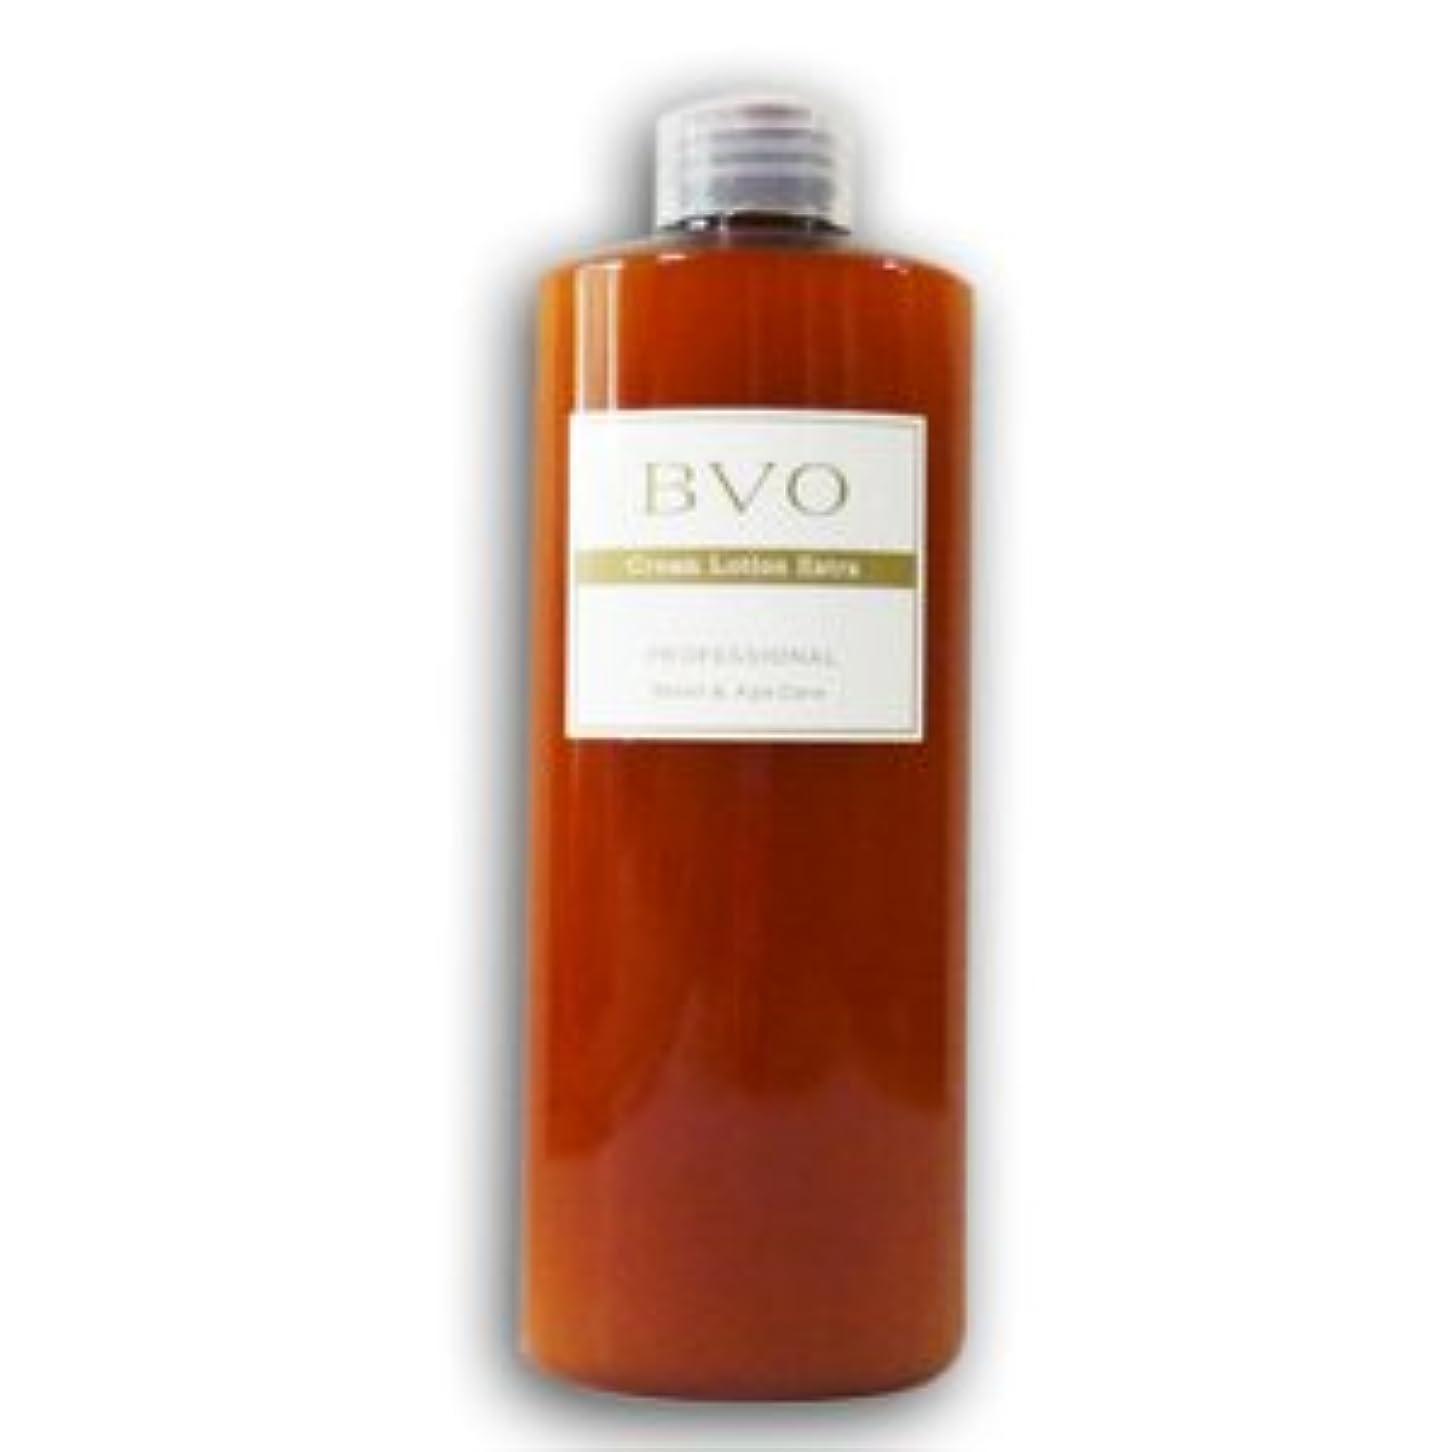 コンテンポラリー理容師退院BVO ビィヴォ クリームローション?エクストラ 300g 《ローション乳液》